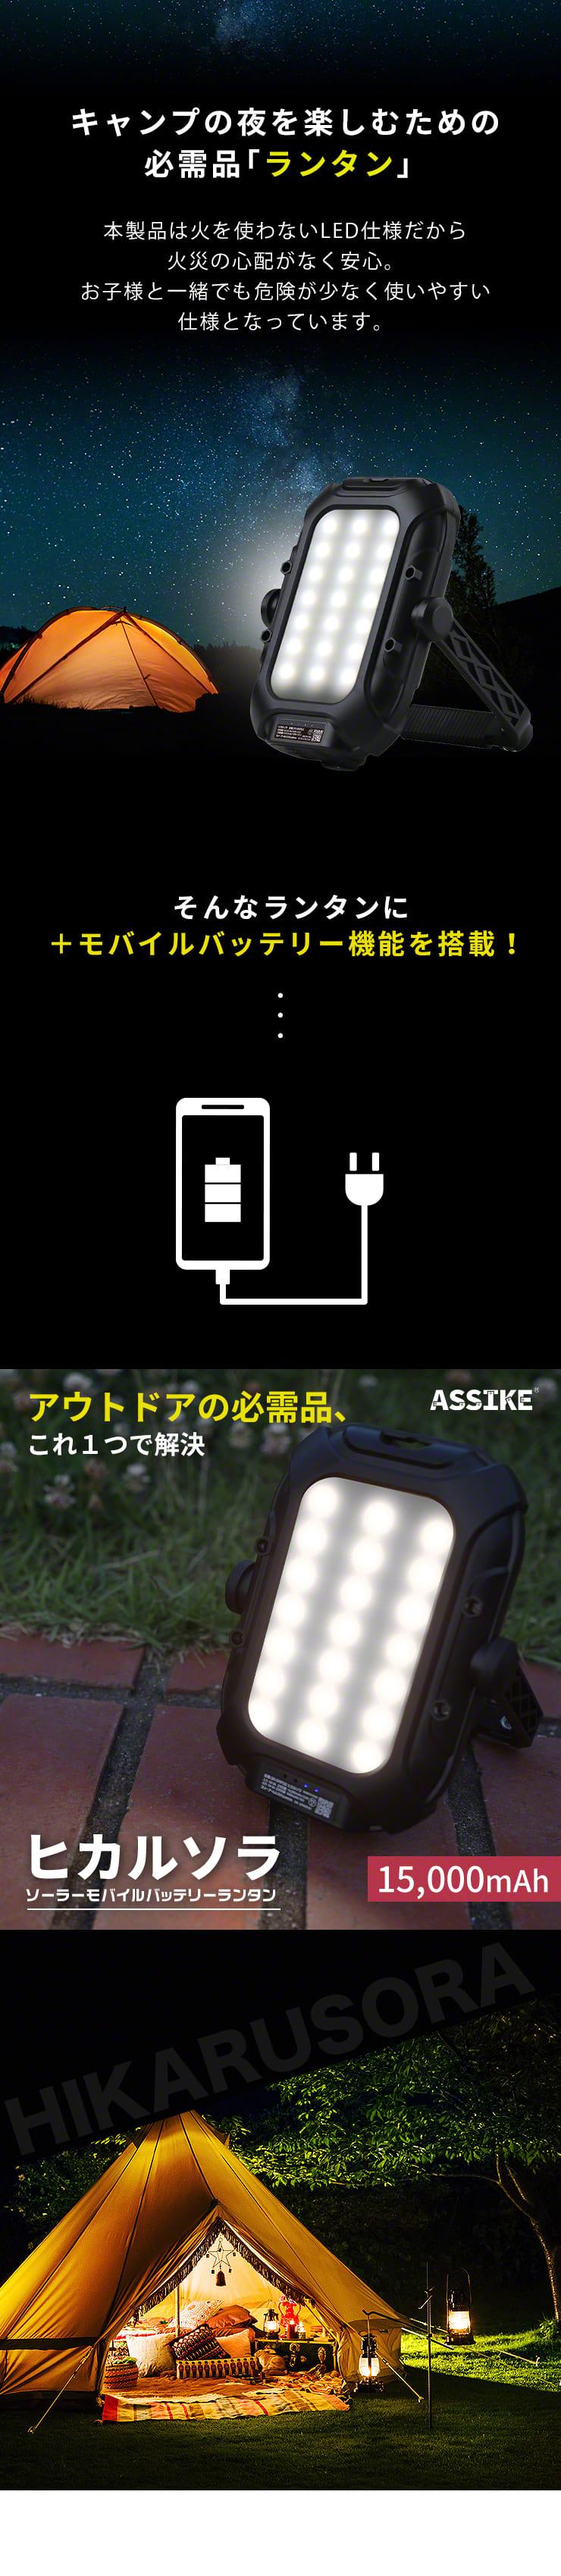 ランタン×モバイルバッテリー